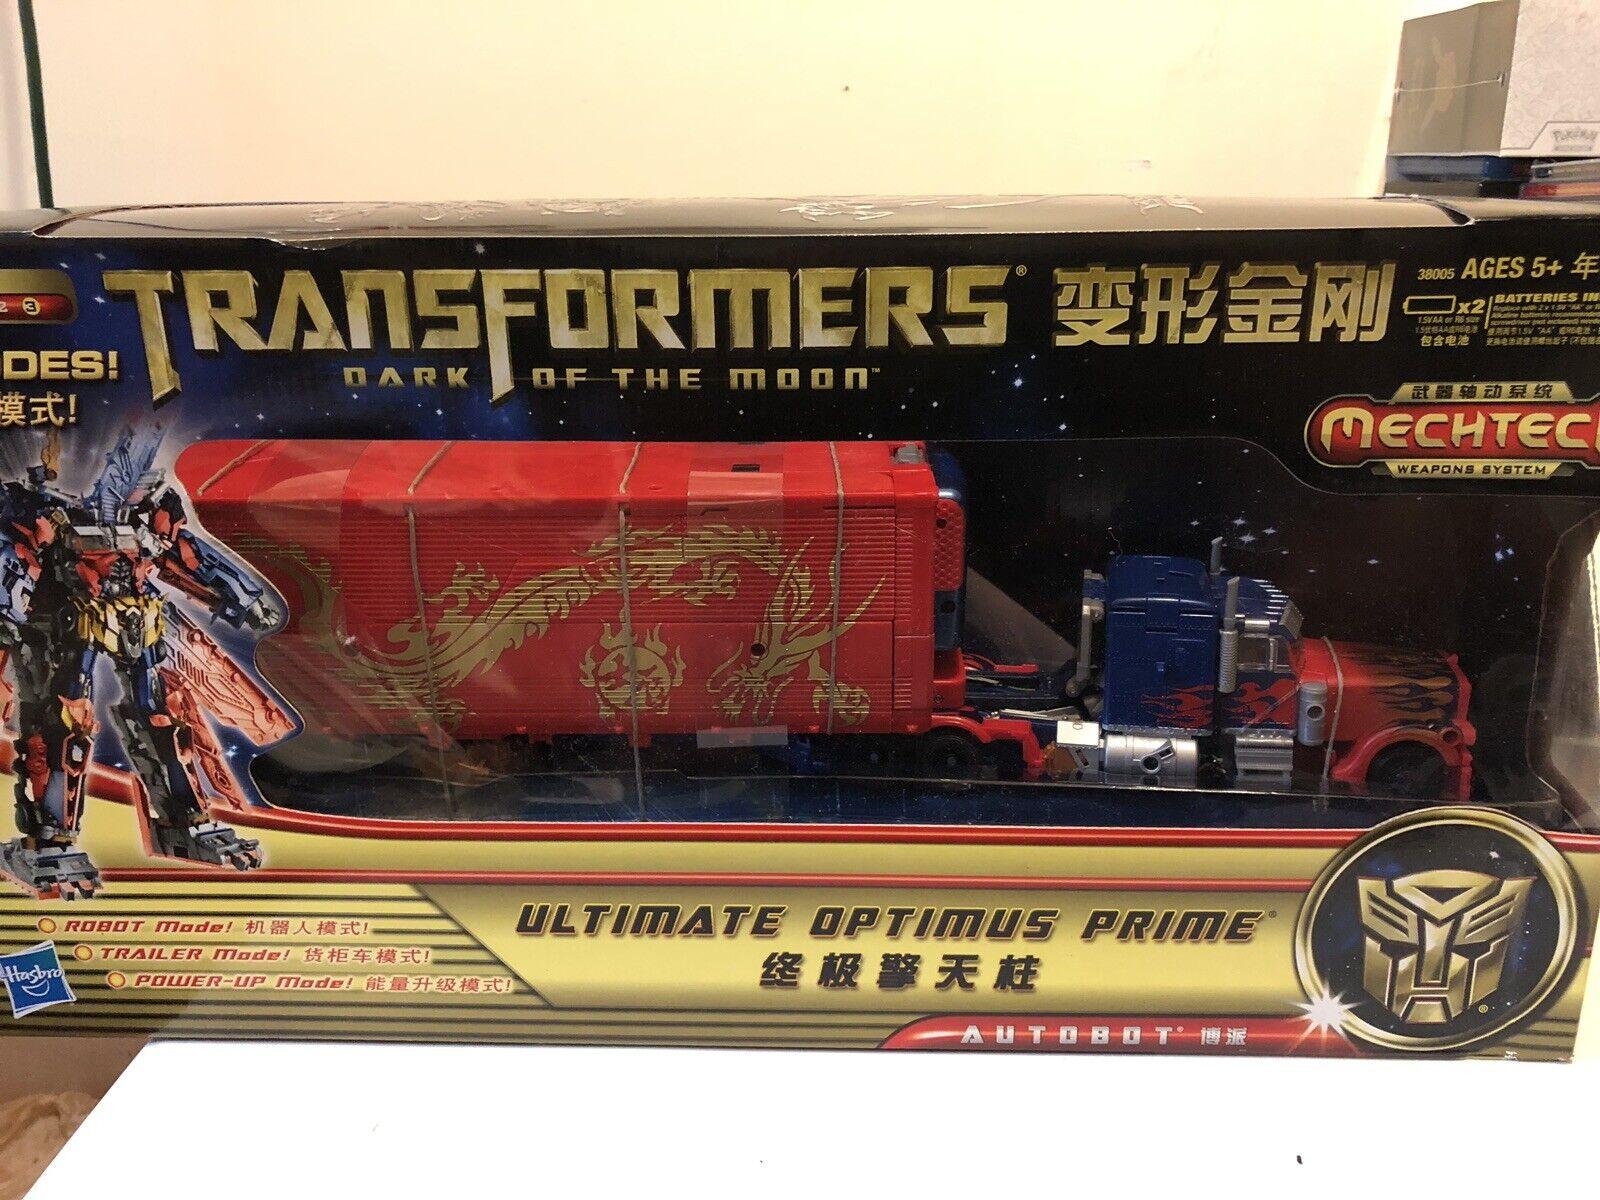 seguro de calidad Transformers Dotm Mechtech Ultimate Optimus Prime CNY Año Año Año del Dragón Edición  tienda de venta